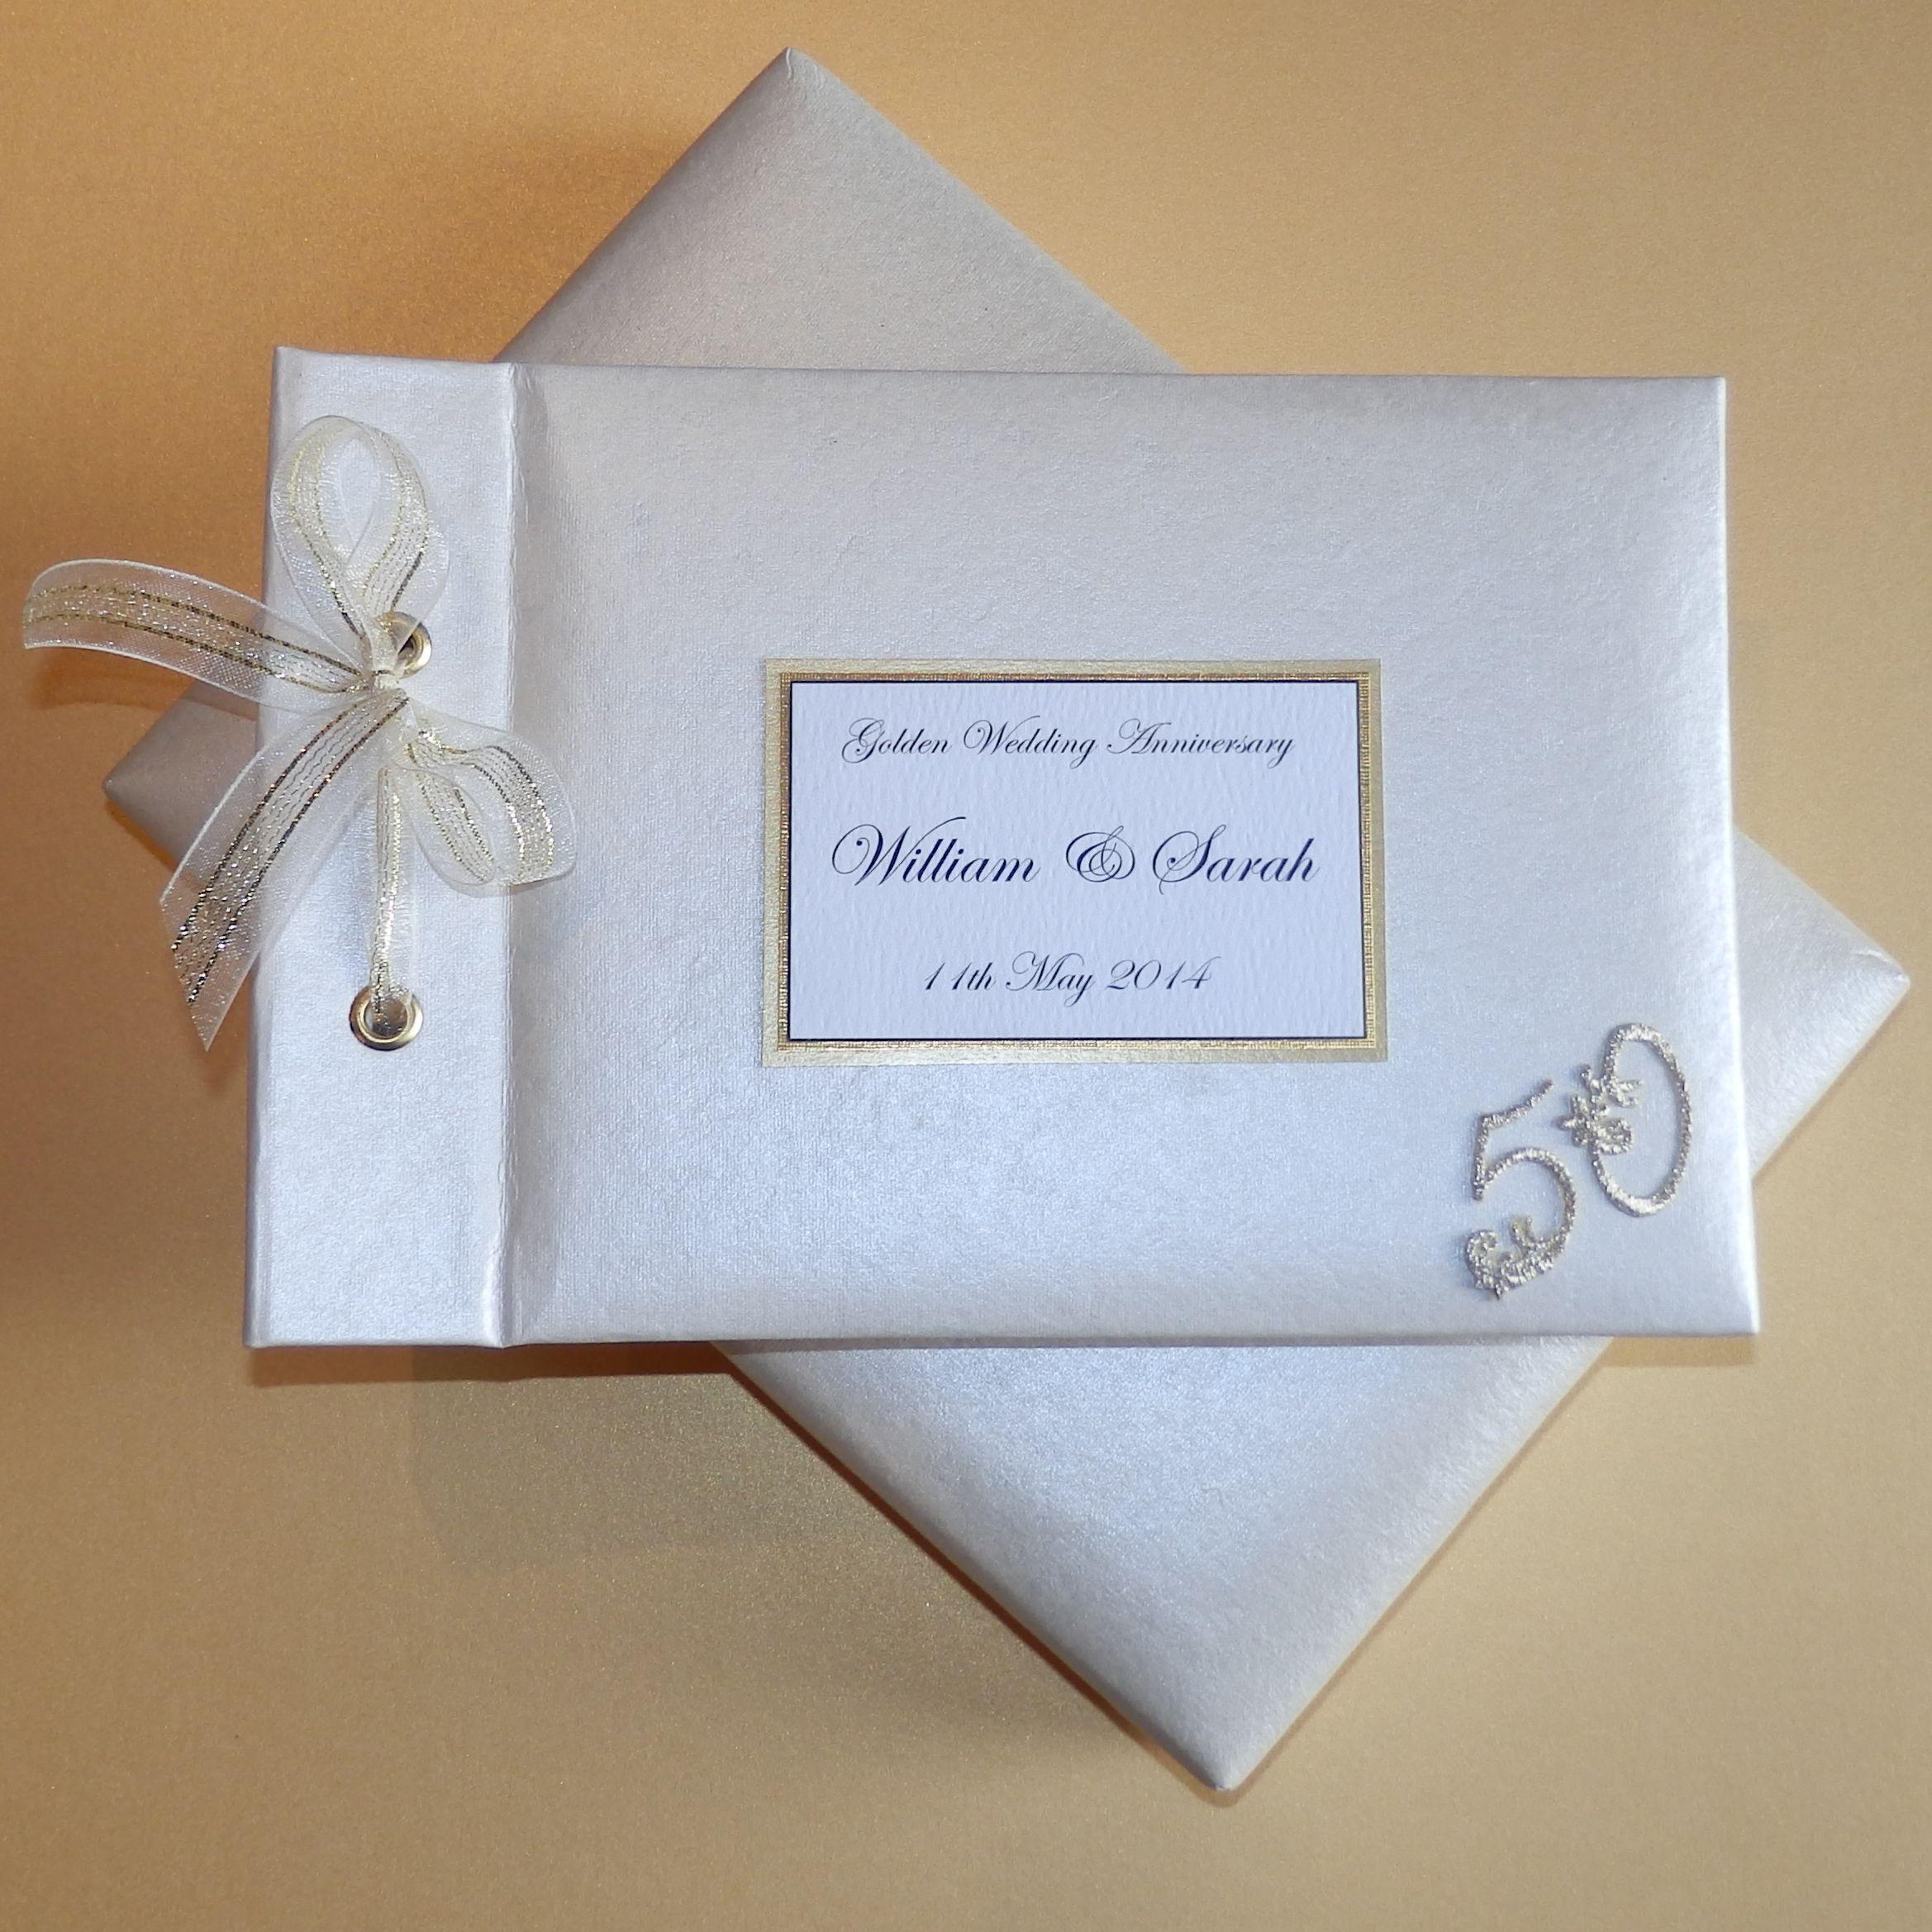 Golden Wedding Anniversary Photo Album Personalised And Handmade